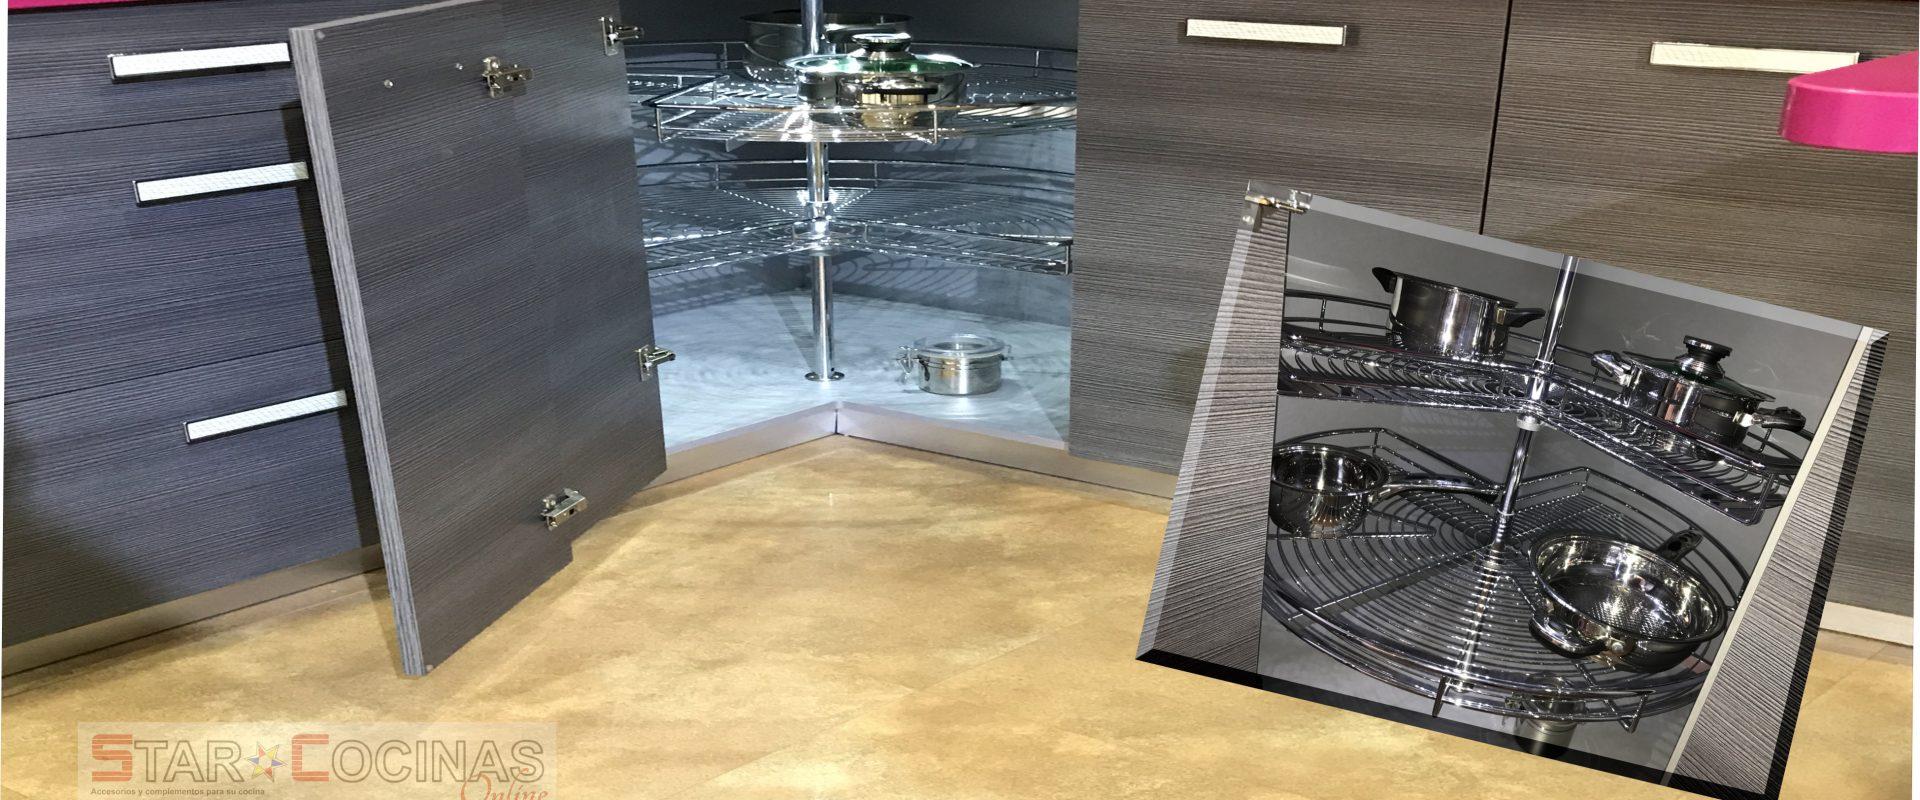 TOP, La solución para nuestros muebles esquineros. - STAR PLG Online